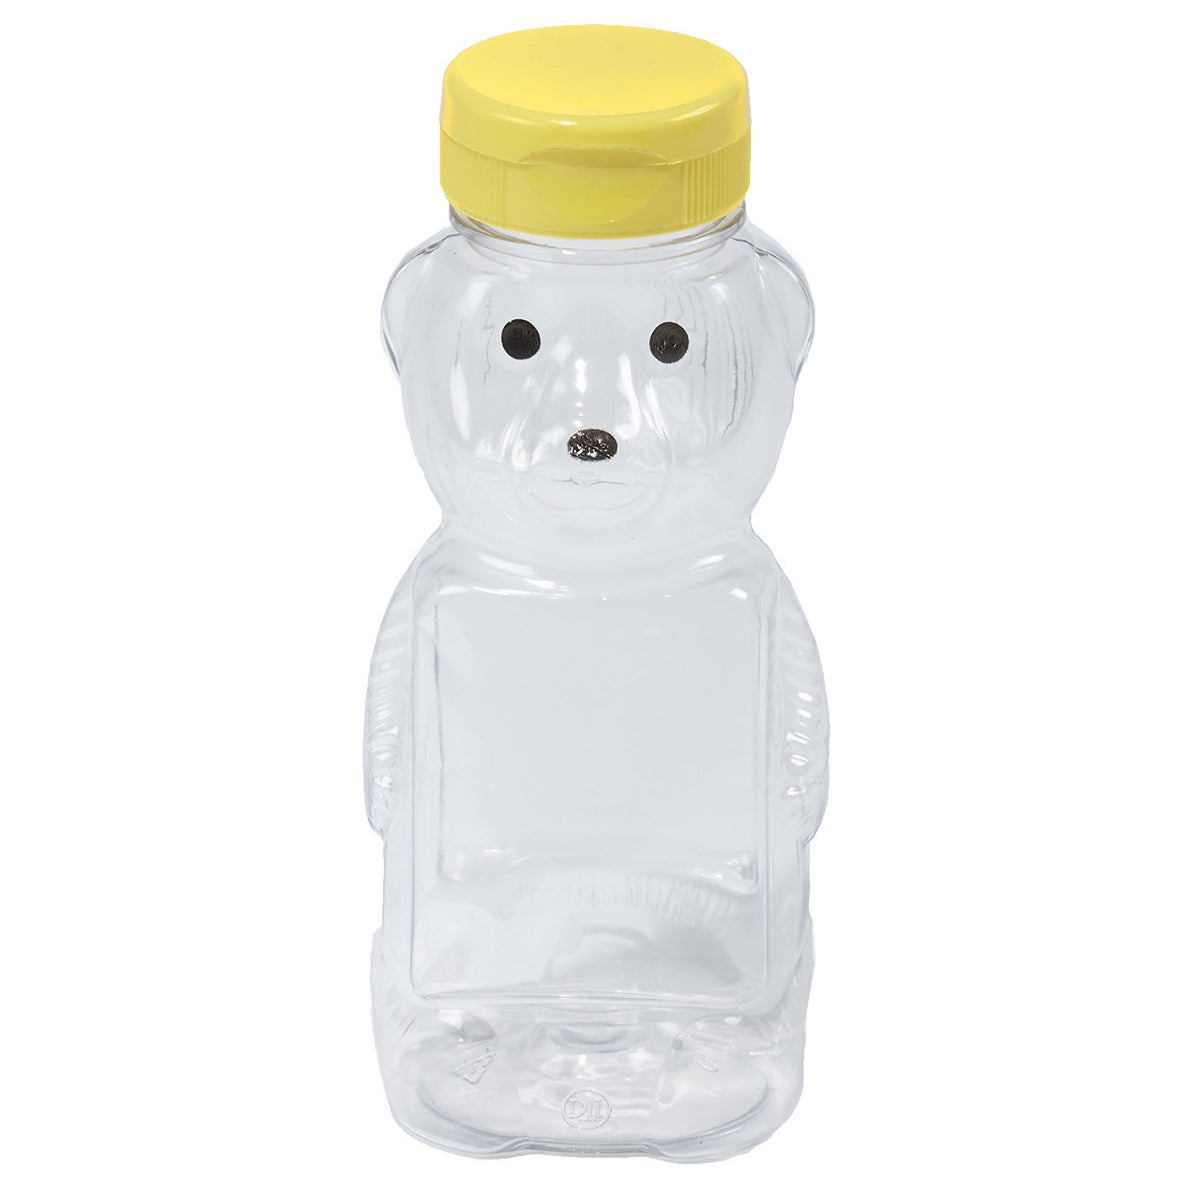 Little Giant Farm & Ag 12 Oz Plastic Honey Bear Bottle 12...